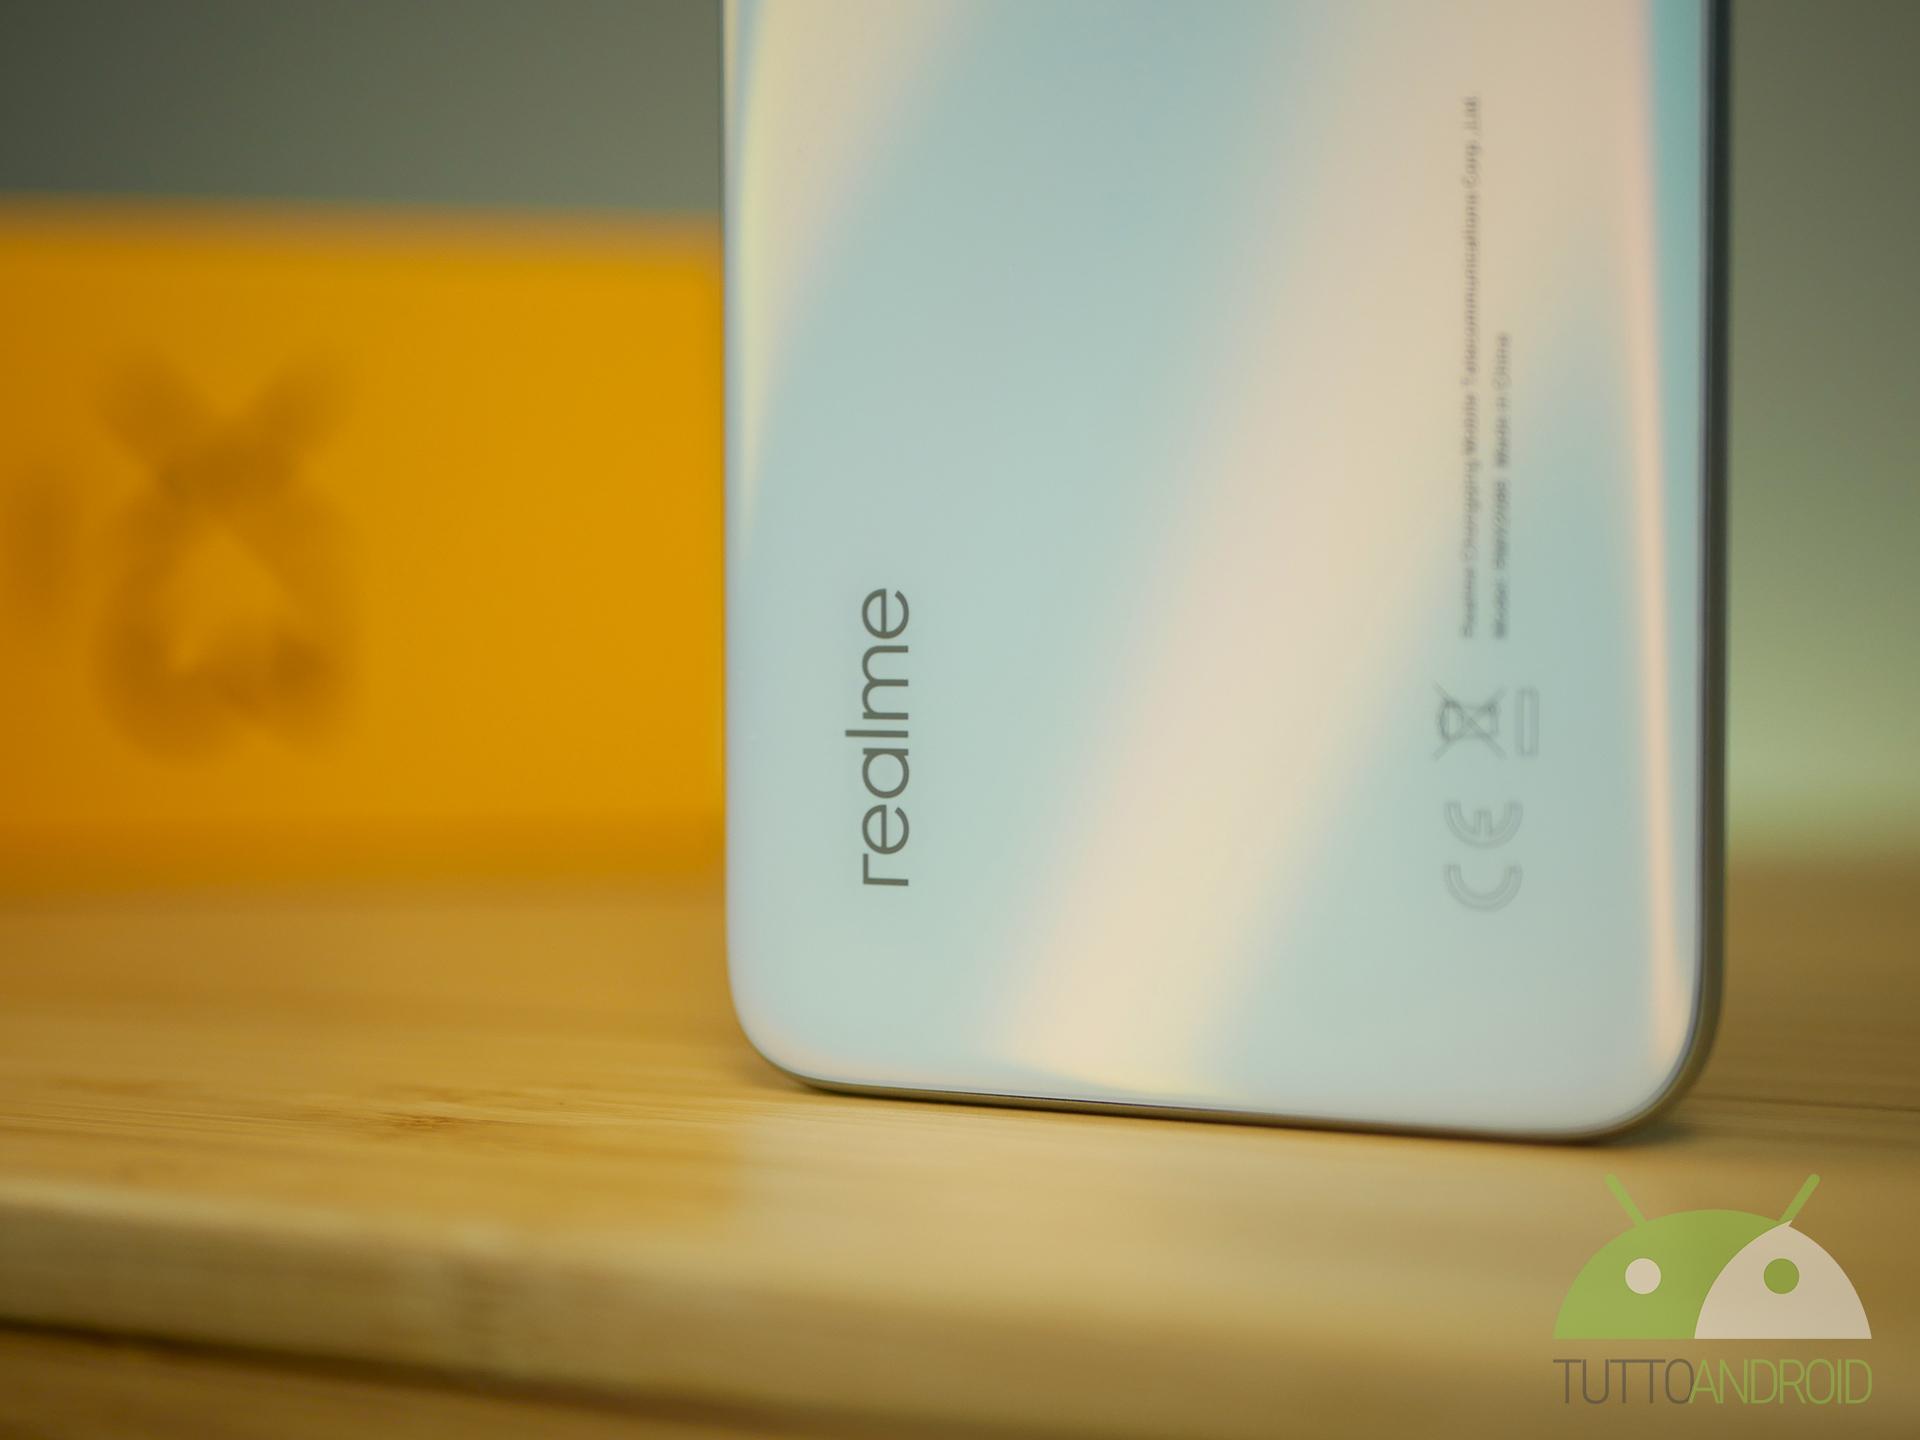 Migliori smartphone Realme: la classifica di giugno 2020